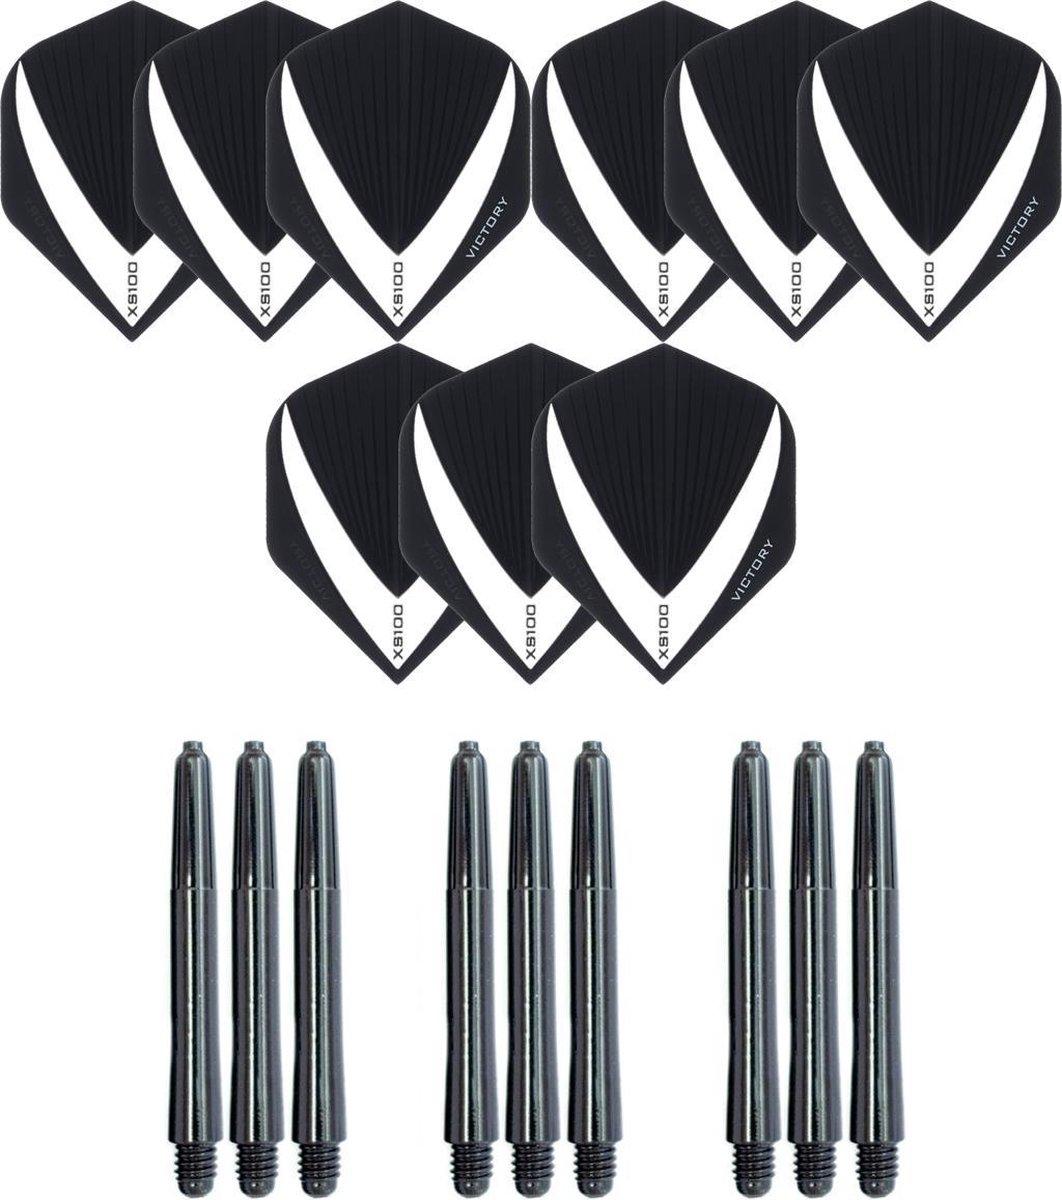 3 sets (9 stuks) Super Sterke - Smokey - Vista-X - darts flights - inclusief 3 sets (9 stuks) - medium - darts shafts